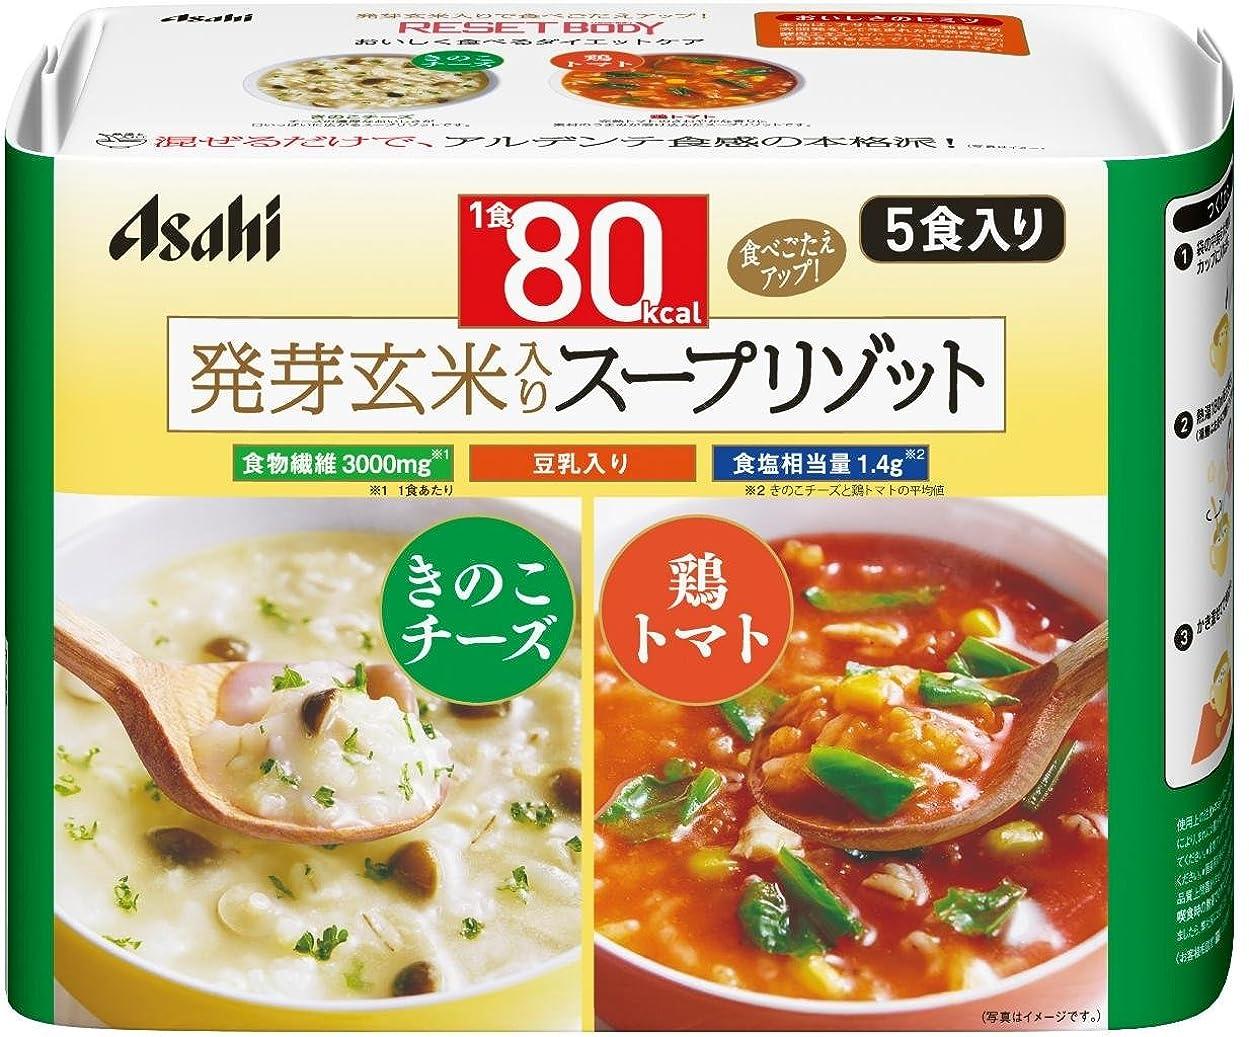 リップペット裏切り者リセットボディ 豆乳きのこチーズ&鶏トマトスープリゾット 5食入